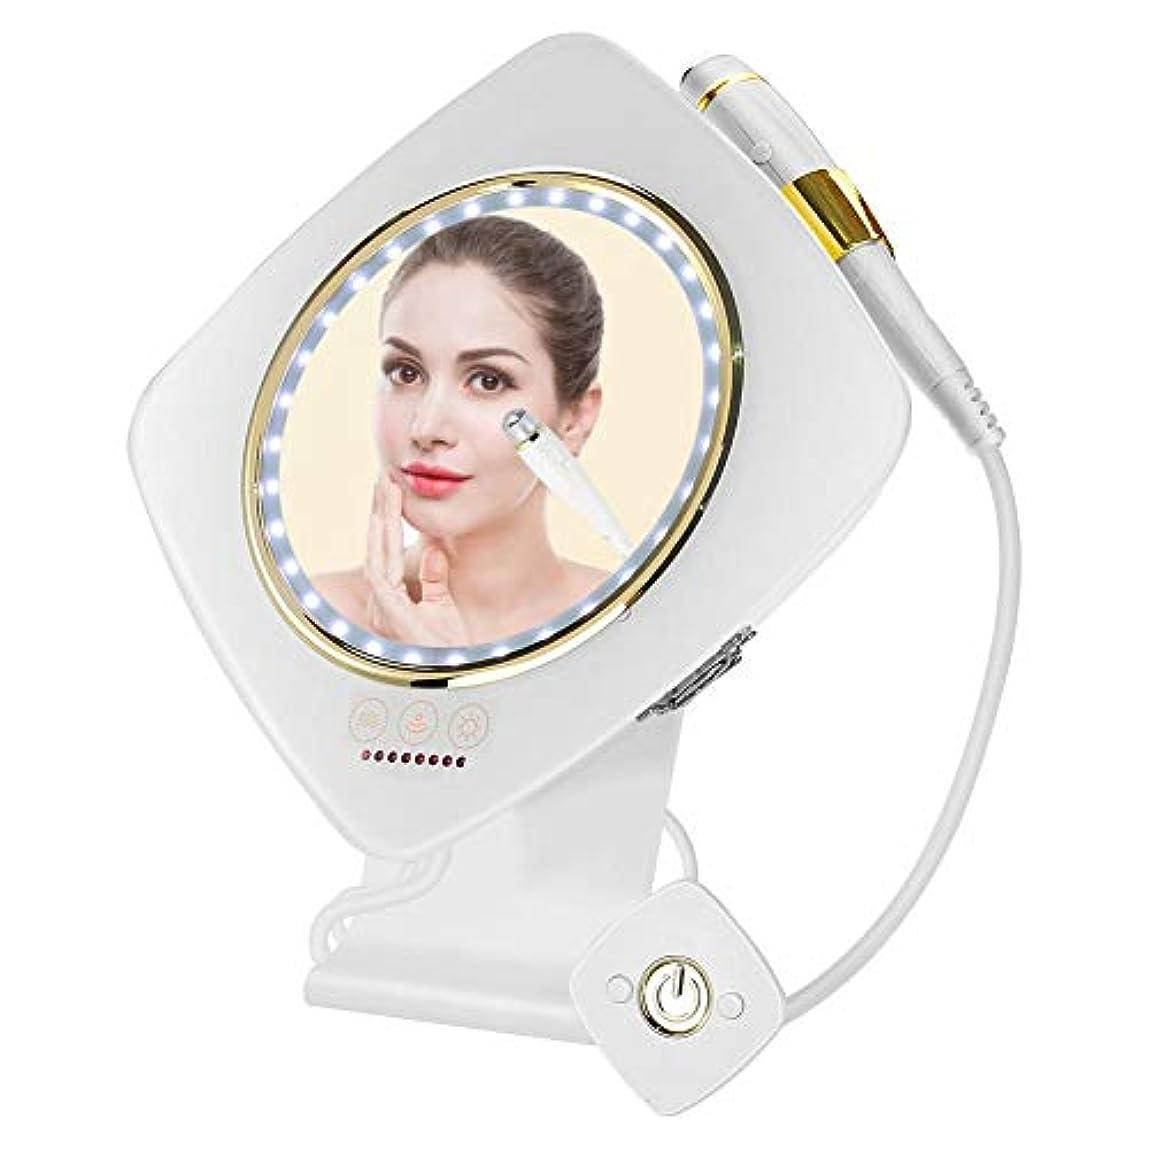 オフセットウッズスリットRFの無線周波数の顔機械、顔の目の皮の若返りの美機械のための家のポータブル-本当に良い品質の製品、ゴミの山ではありません